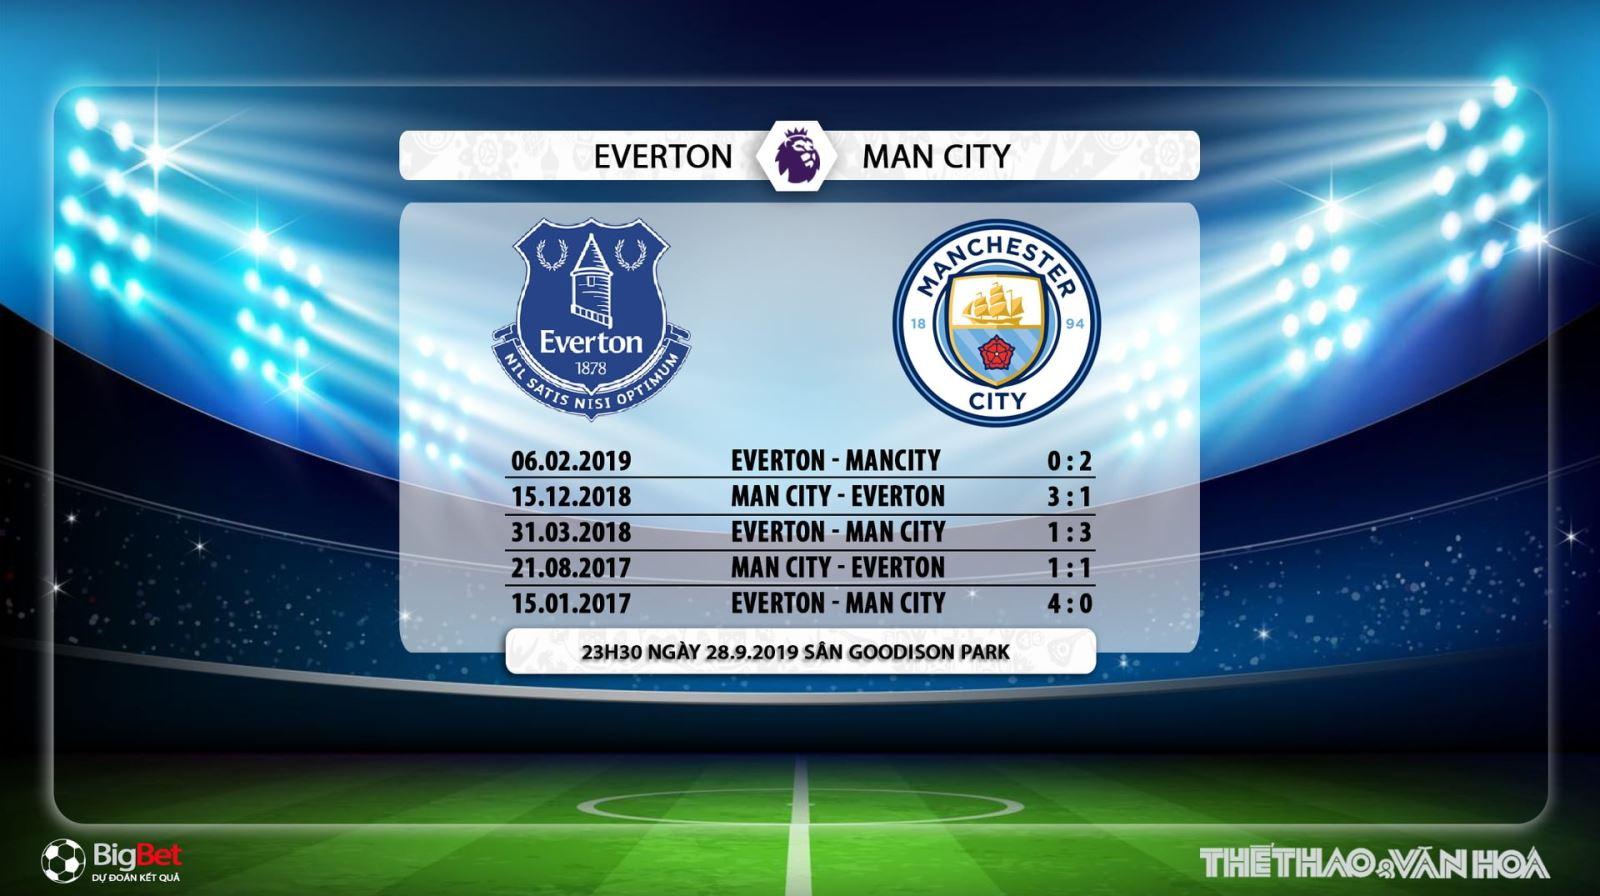 Chú thích soi kèo bóng đá,Everton đấu với Man City, truc tiep bong da hôm nay, everton vs man city, trực tiếp bóng đá, K+, K+PM, K+PC, everton, man city, xem bóng đá trực tuyến